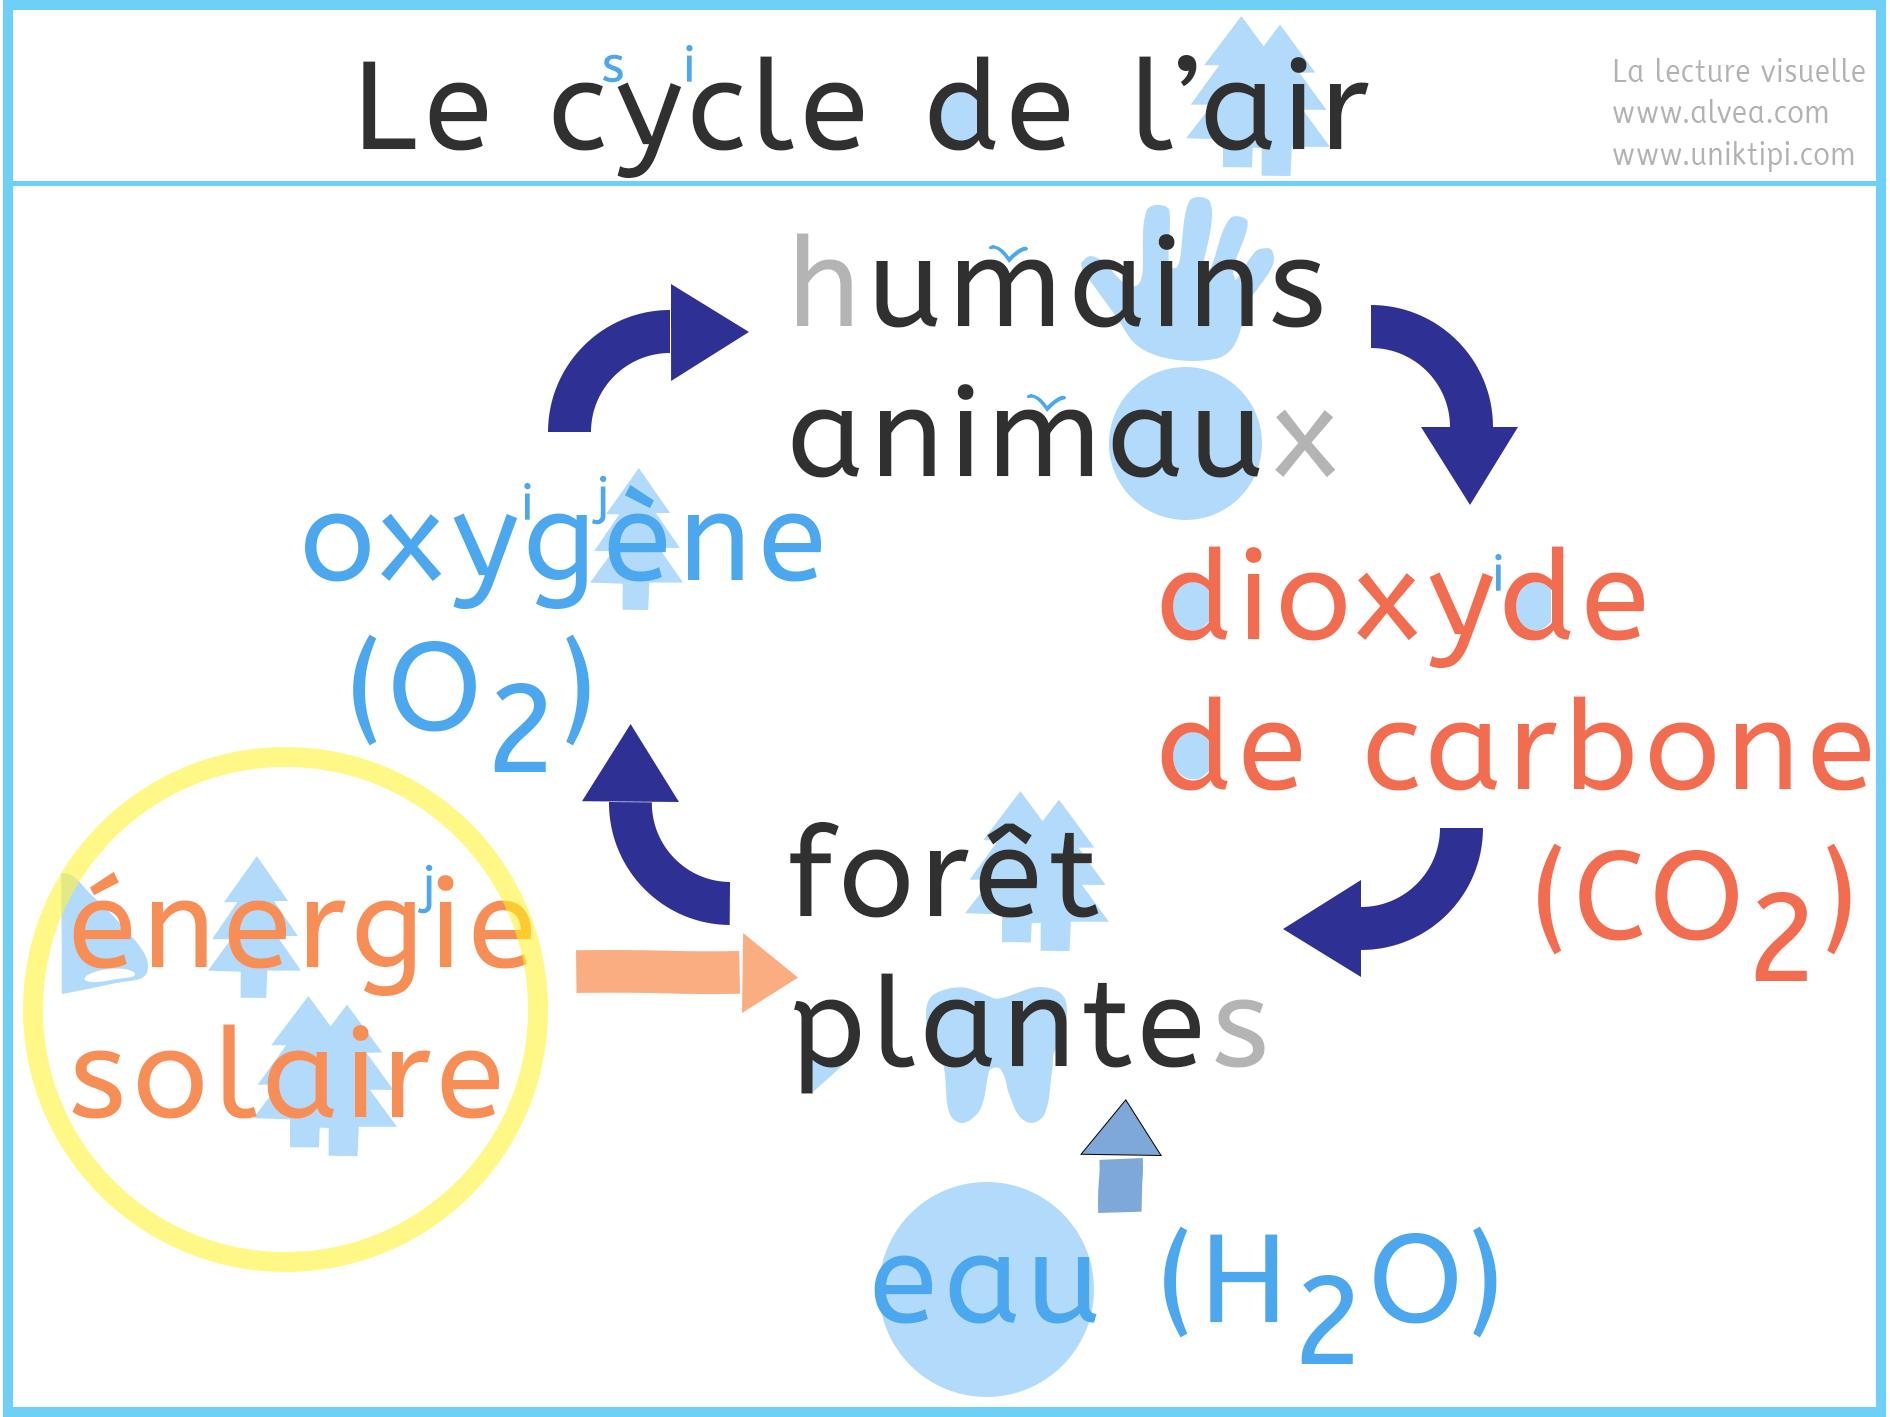 Le cycle de l'air avec la photosynthèse expliqué en lecture visuelle